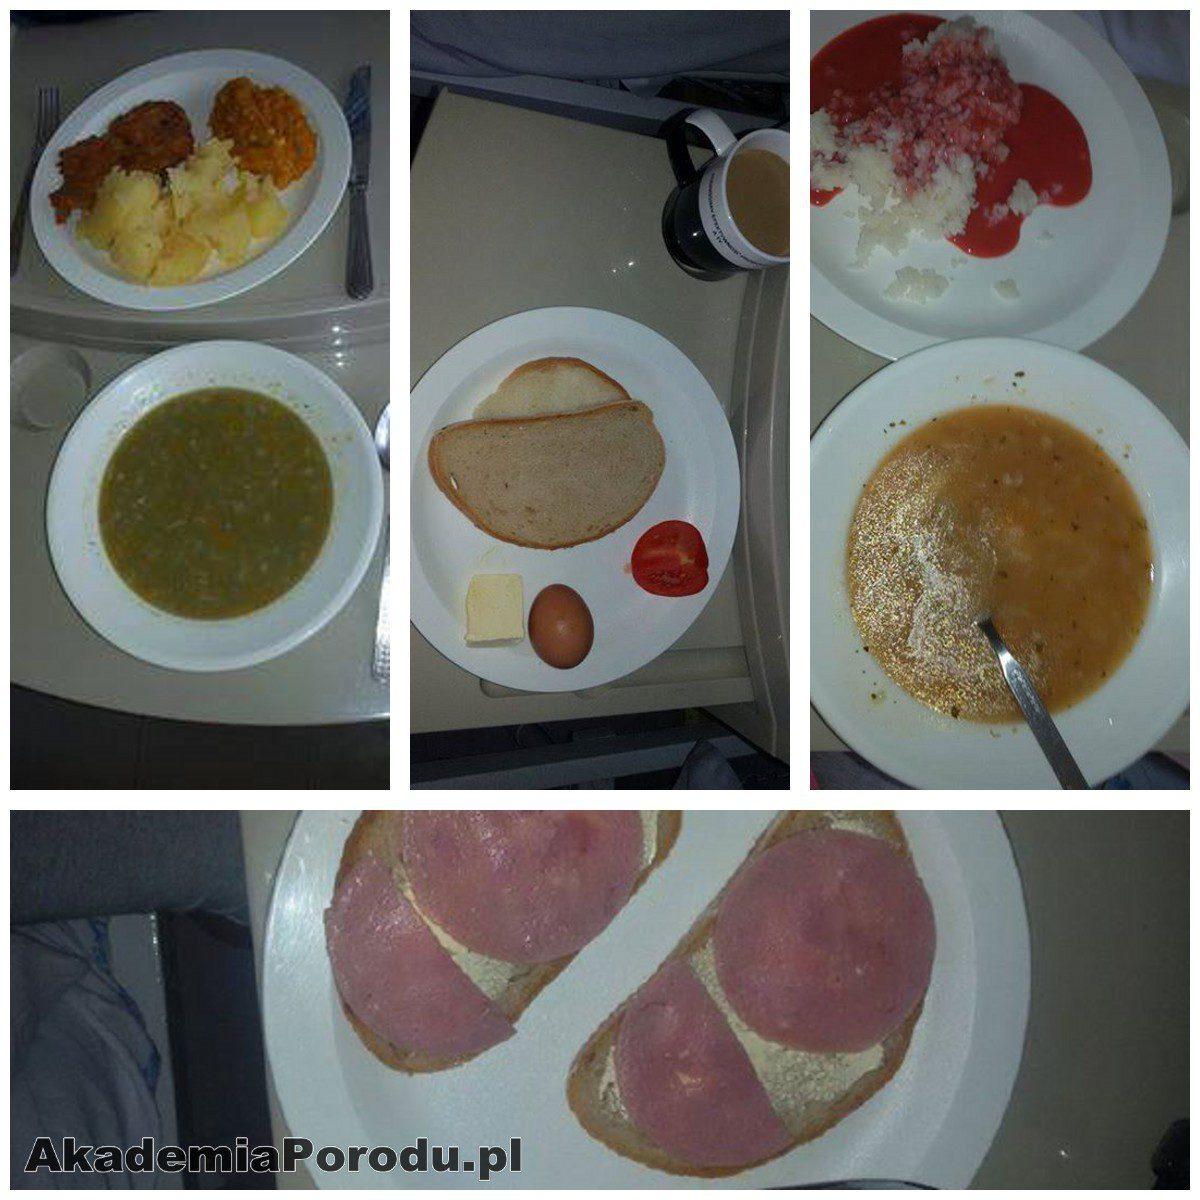 Jedzenie na porodówkach. Szpital w Pabianicach